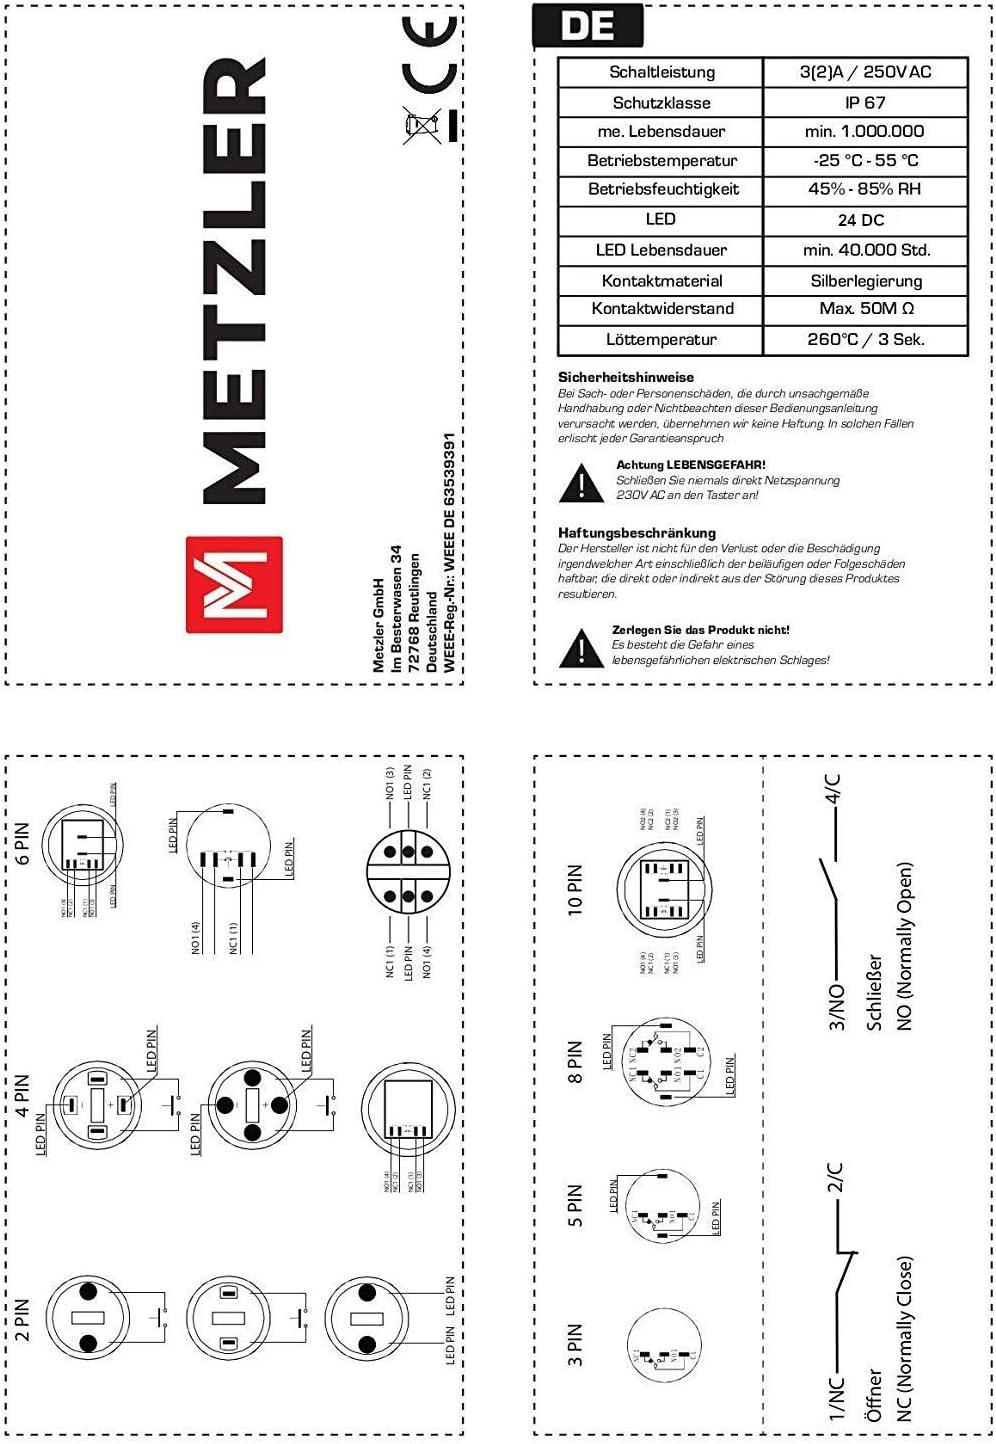 12 X PILOT LED 230V VAC 4 FARBEN 10,5 MM Ø 20 CM VON KABEL